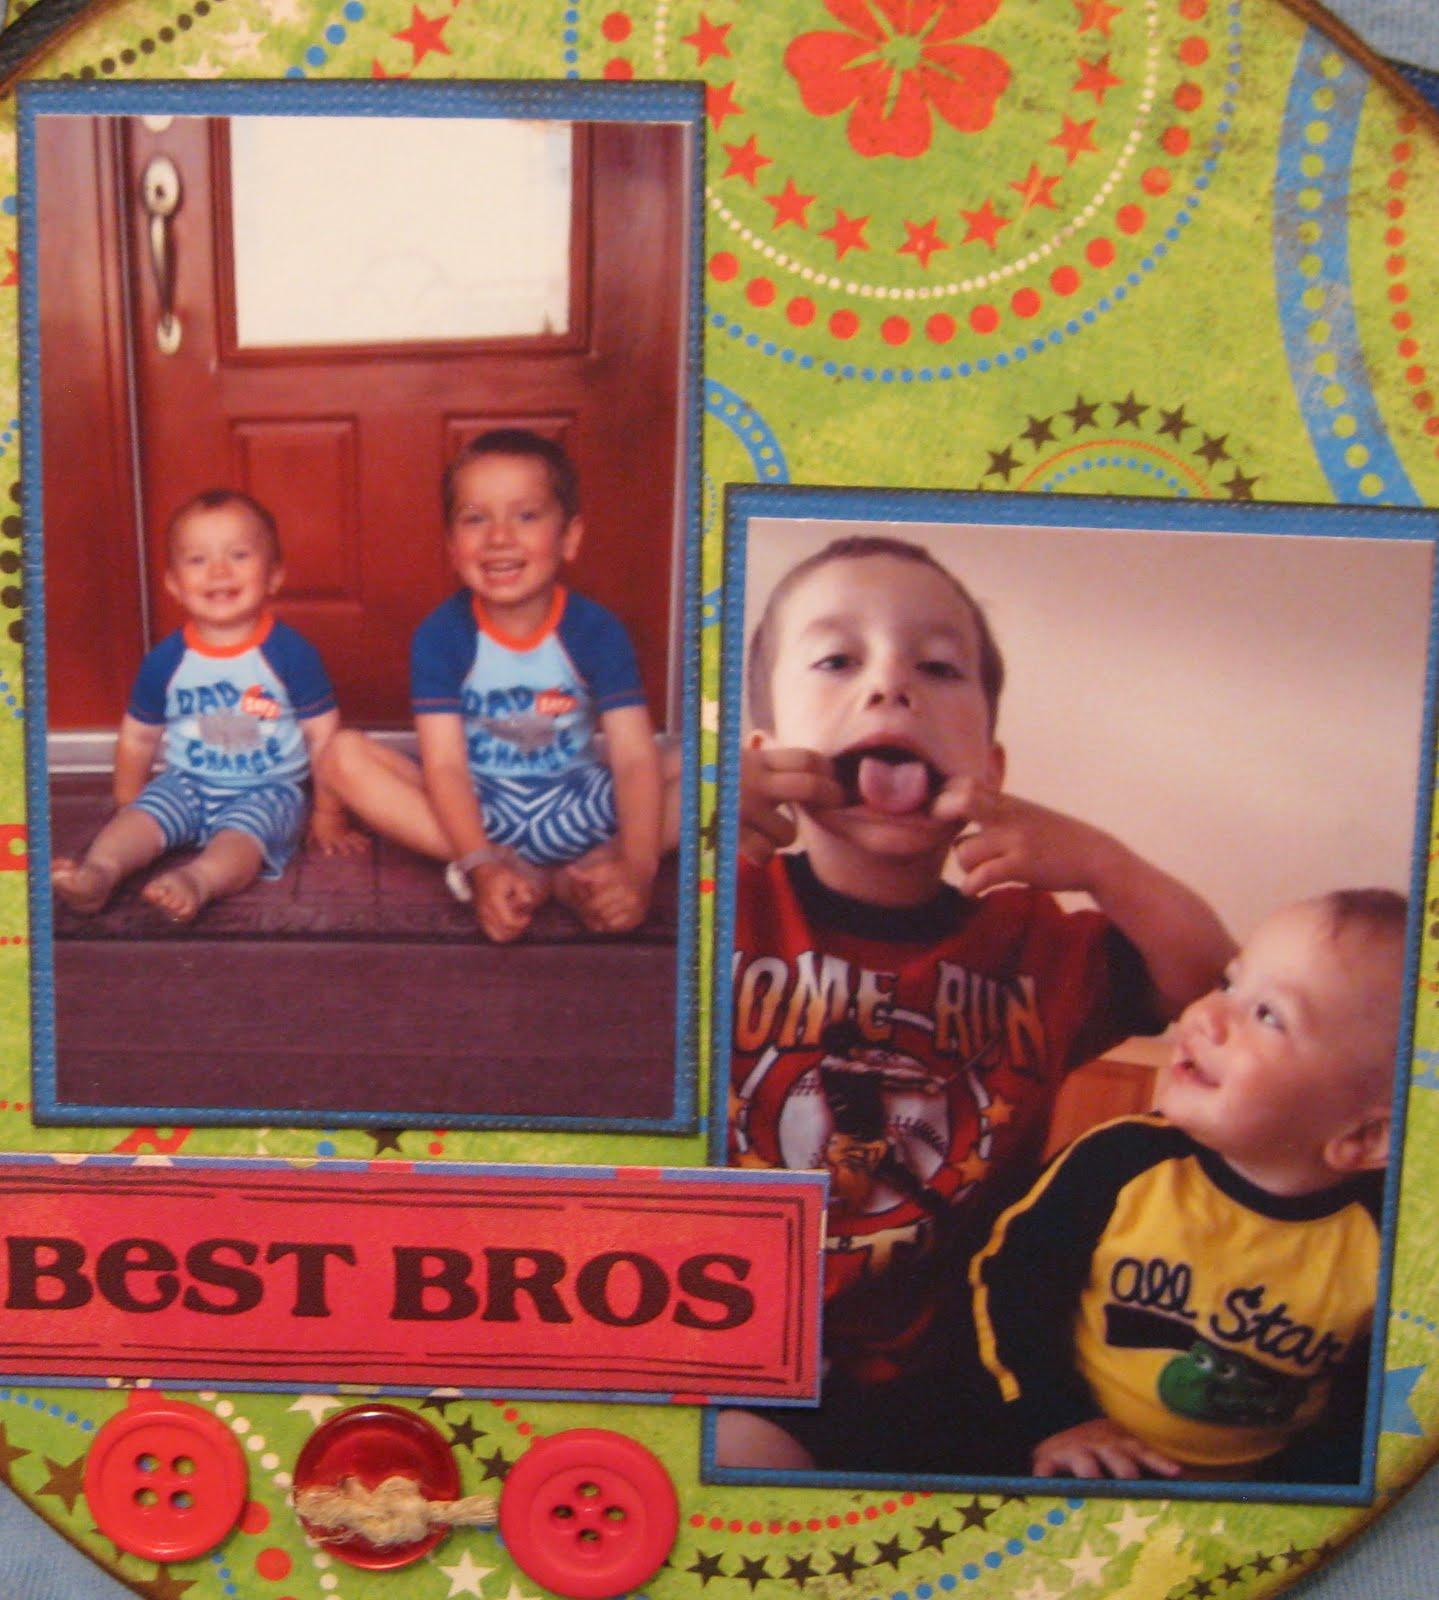 http://3.bp.blogspot.com/___DKRavBbPE/TPTbqCcgQ_I/AAAAAAAACWI/xL3yjFHBUZ0/s1600/boy%2Bbuttons.JPG